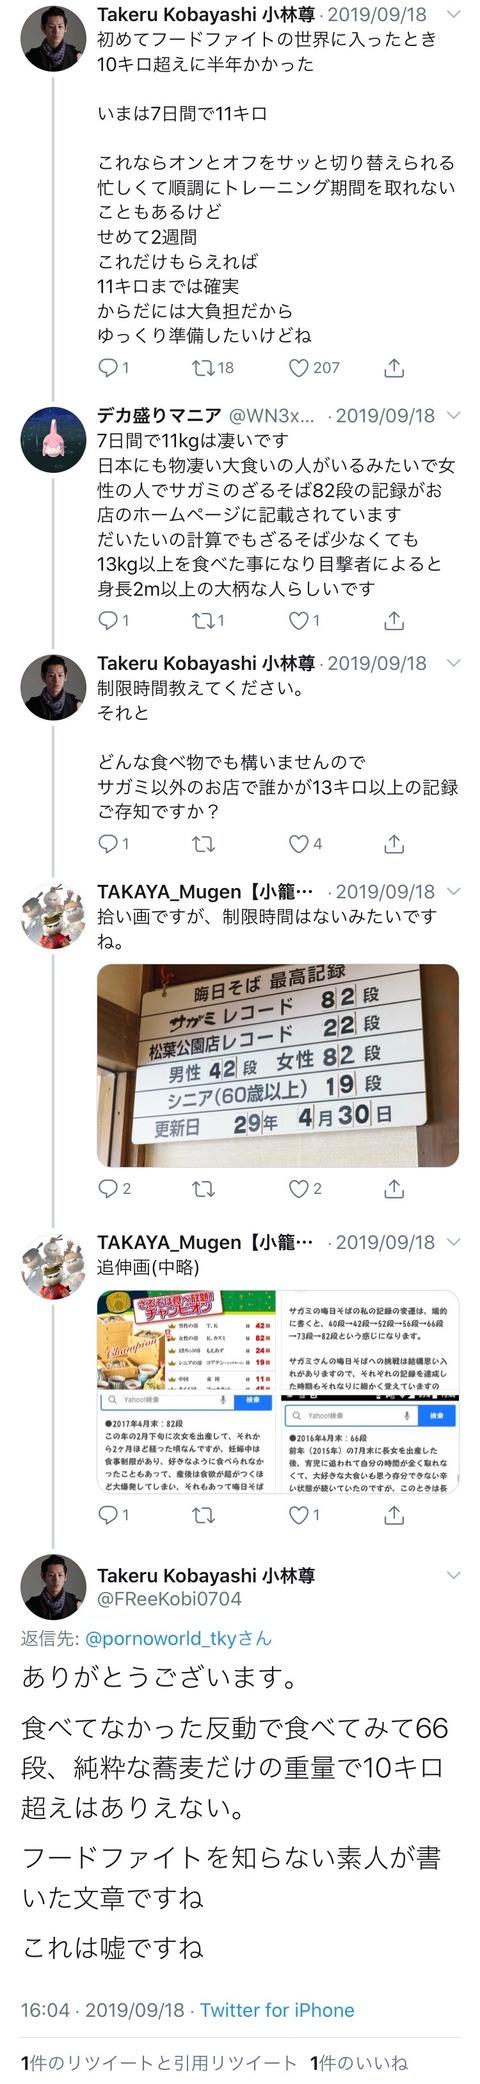 """【悲報】Kカズミさん、現役フードファイターにより""""""""嘘松""""""""であることが証明されてしまう…"""